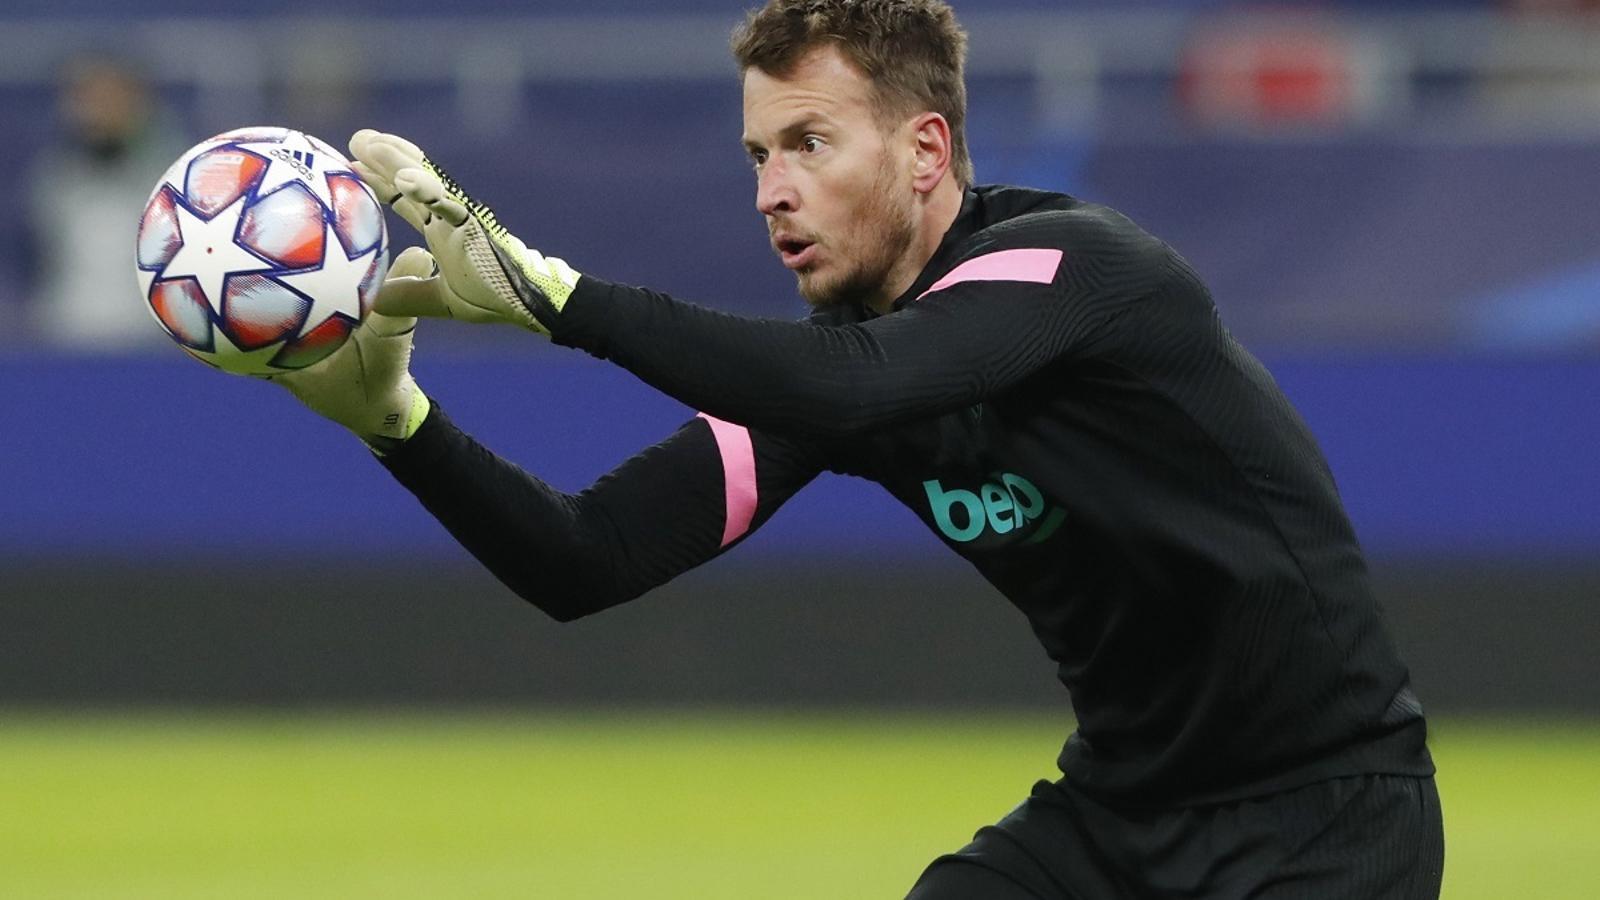 Neto, titular en el partit del Barça al camp del Ferencváros